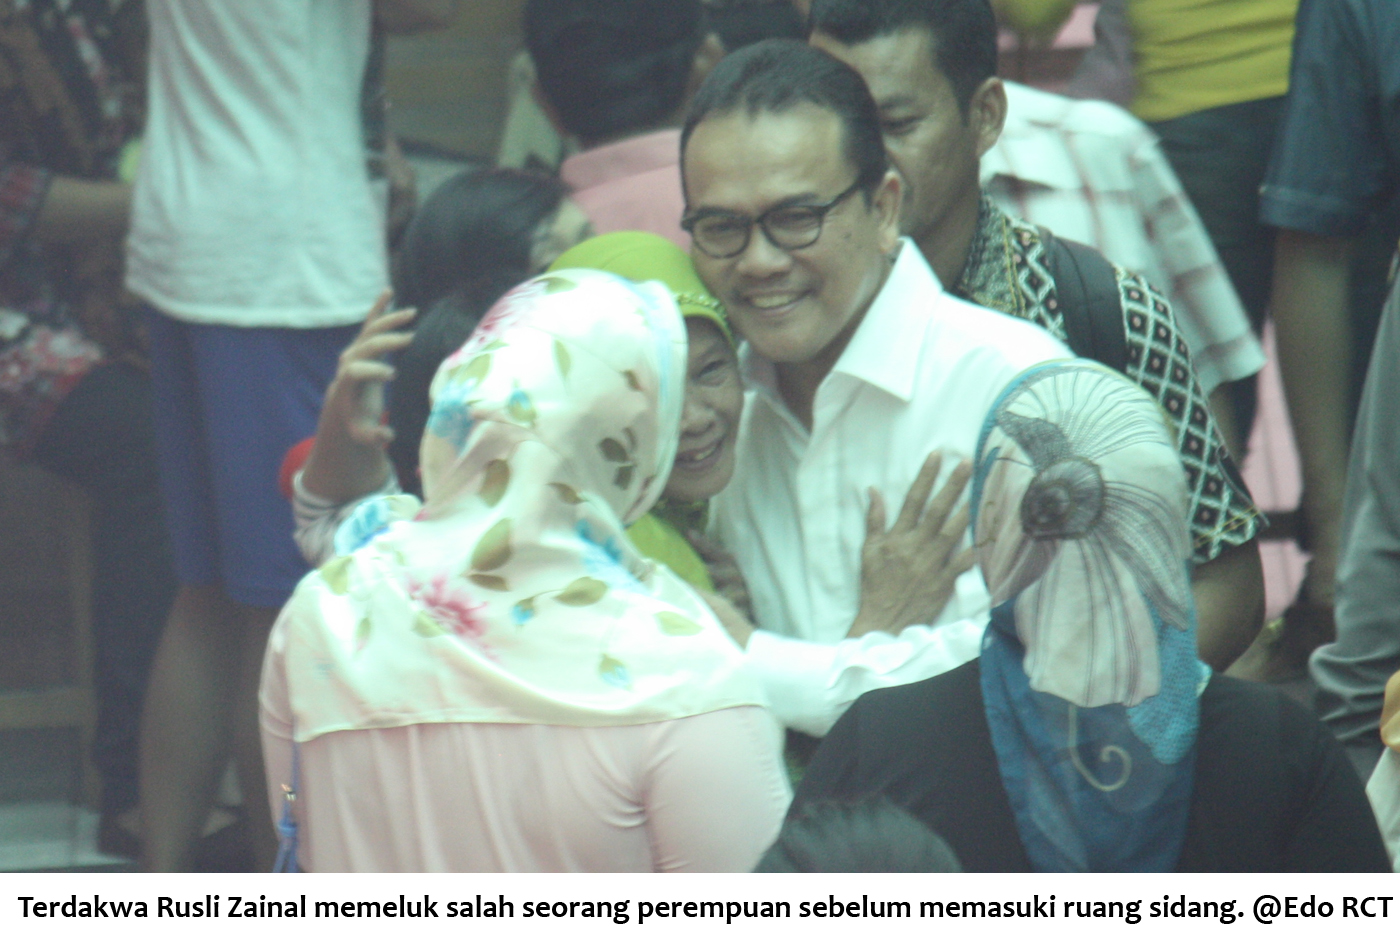 Terdakwa RZ memeluk salah seorang perempuan sebelum memasuki ruang sidang